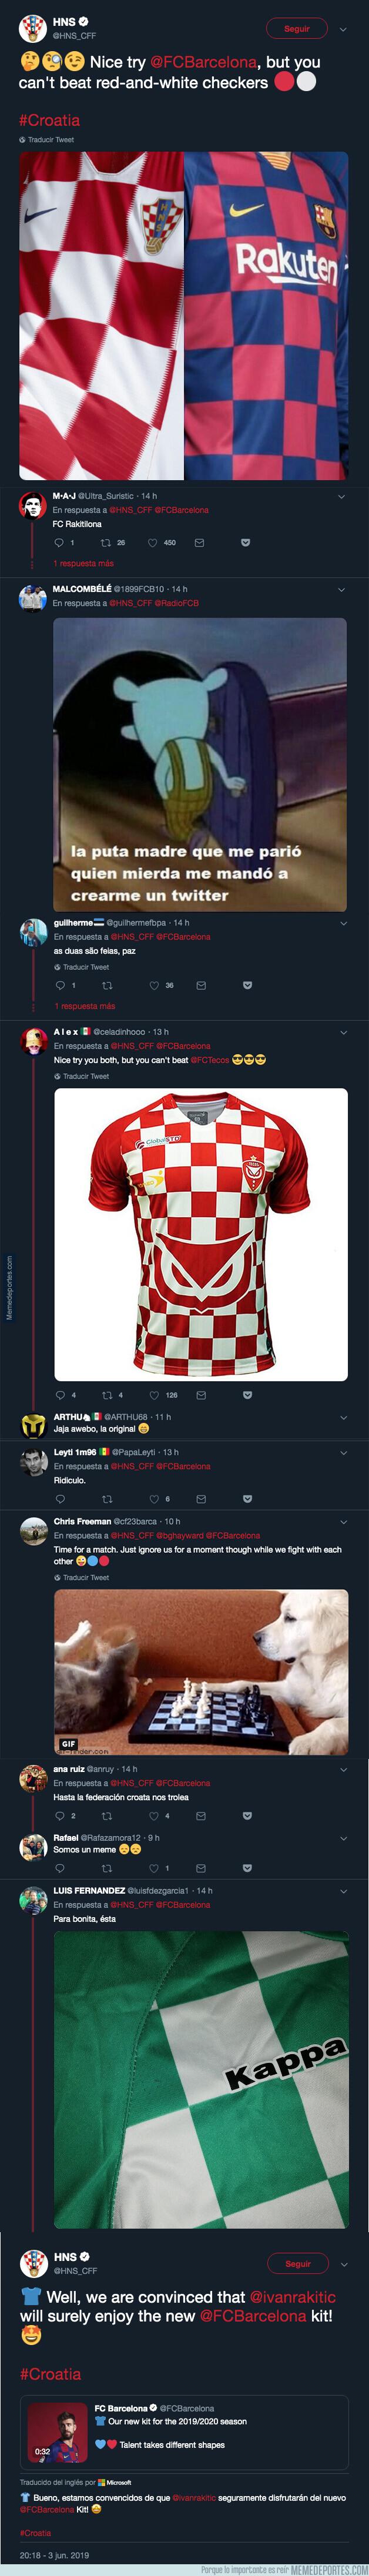 1077087 - La selección de Croacia vacila épicamente al Barça por la nueva camiseta que es igual a la suya